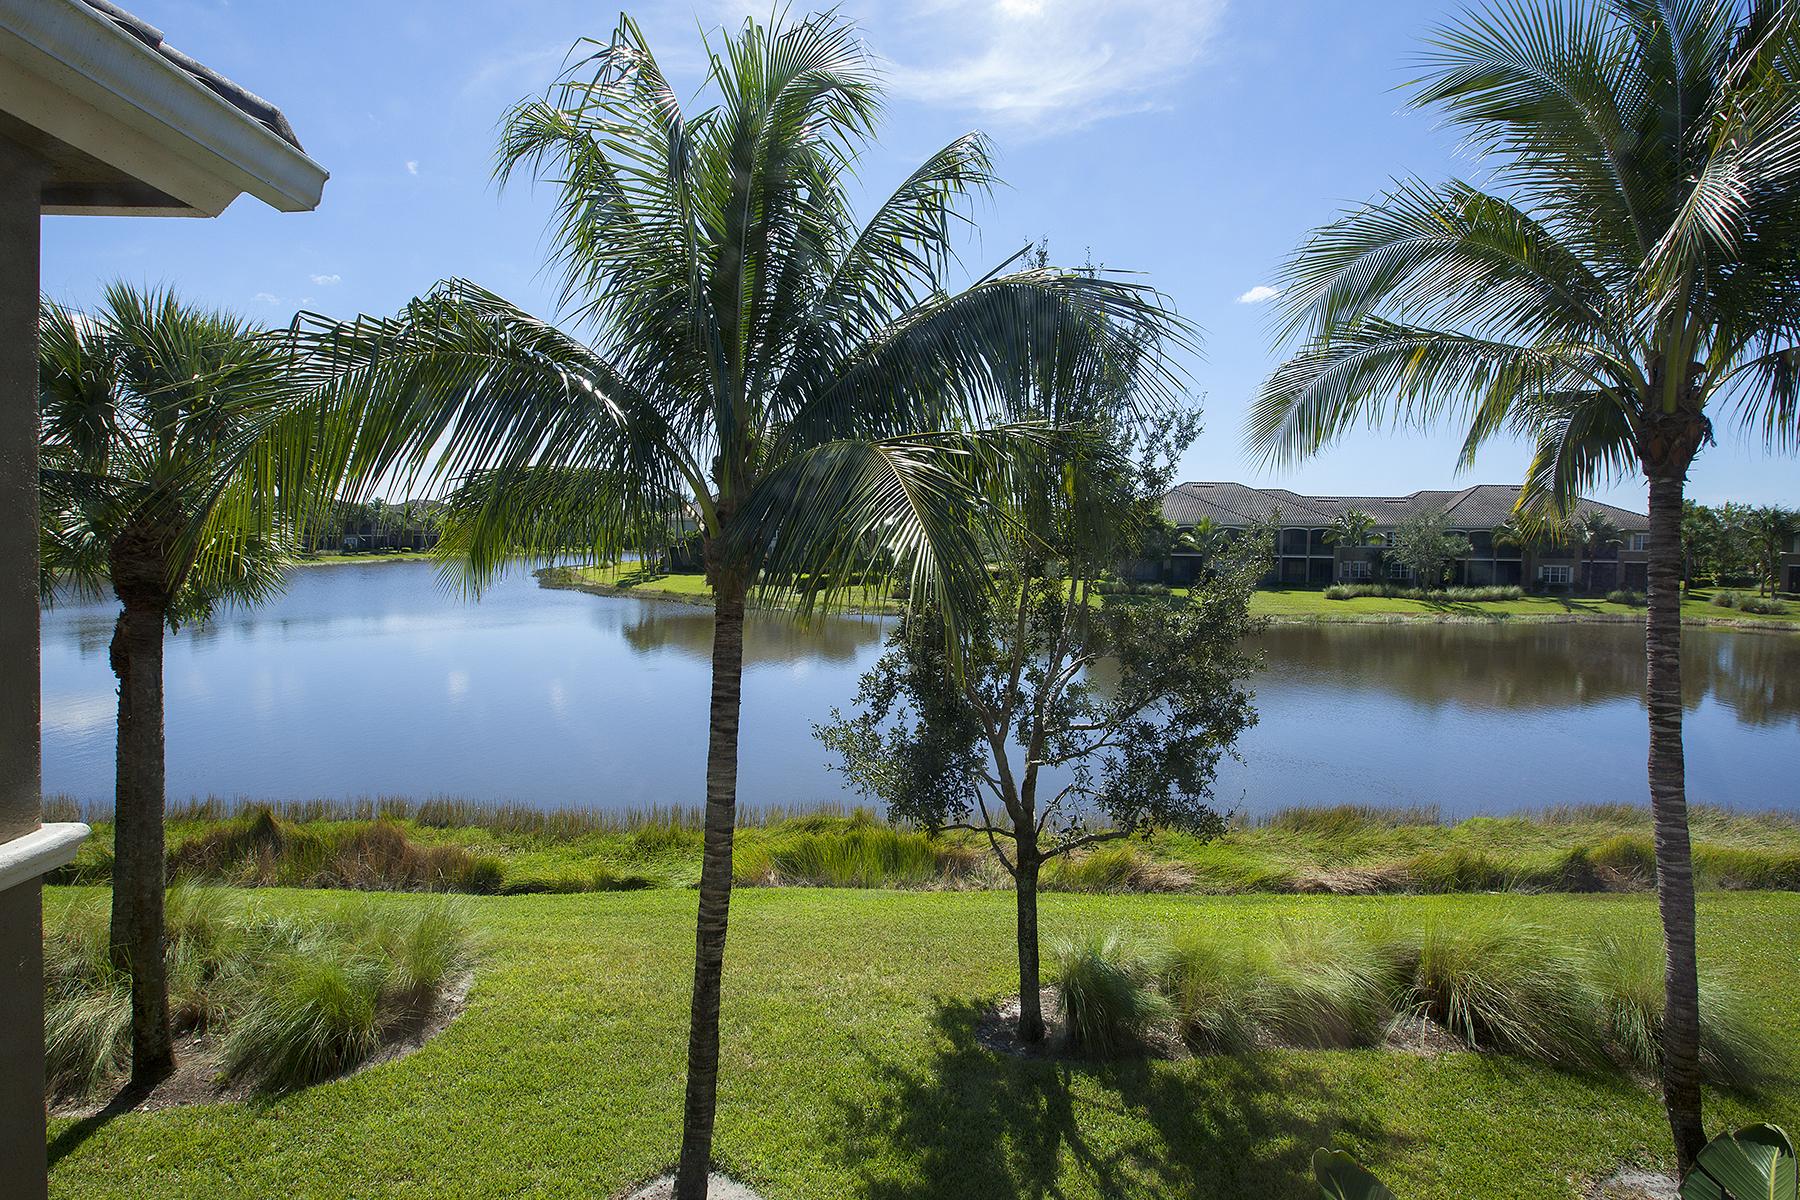 Кондоминиум для того Продажа на FIDDLER'S CREEK - VARENNA 9238 Tesoro Ln 202 Naples, Флорида, 34114 Соединенные Штаты